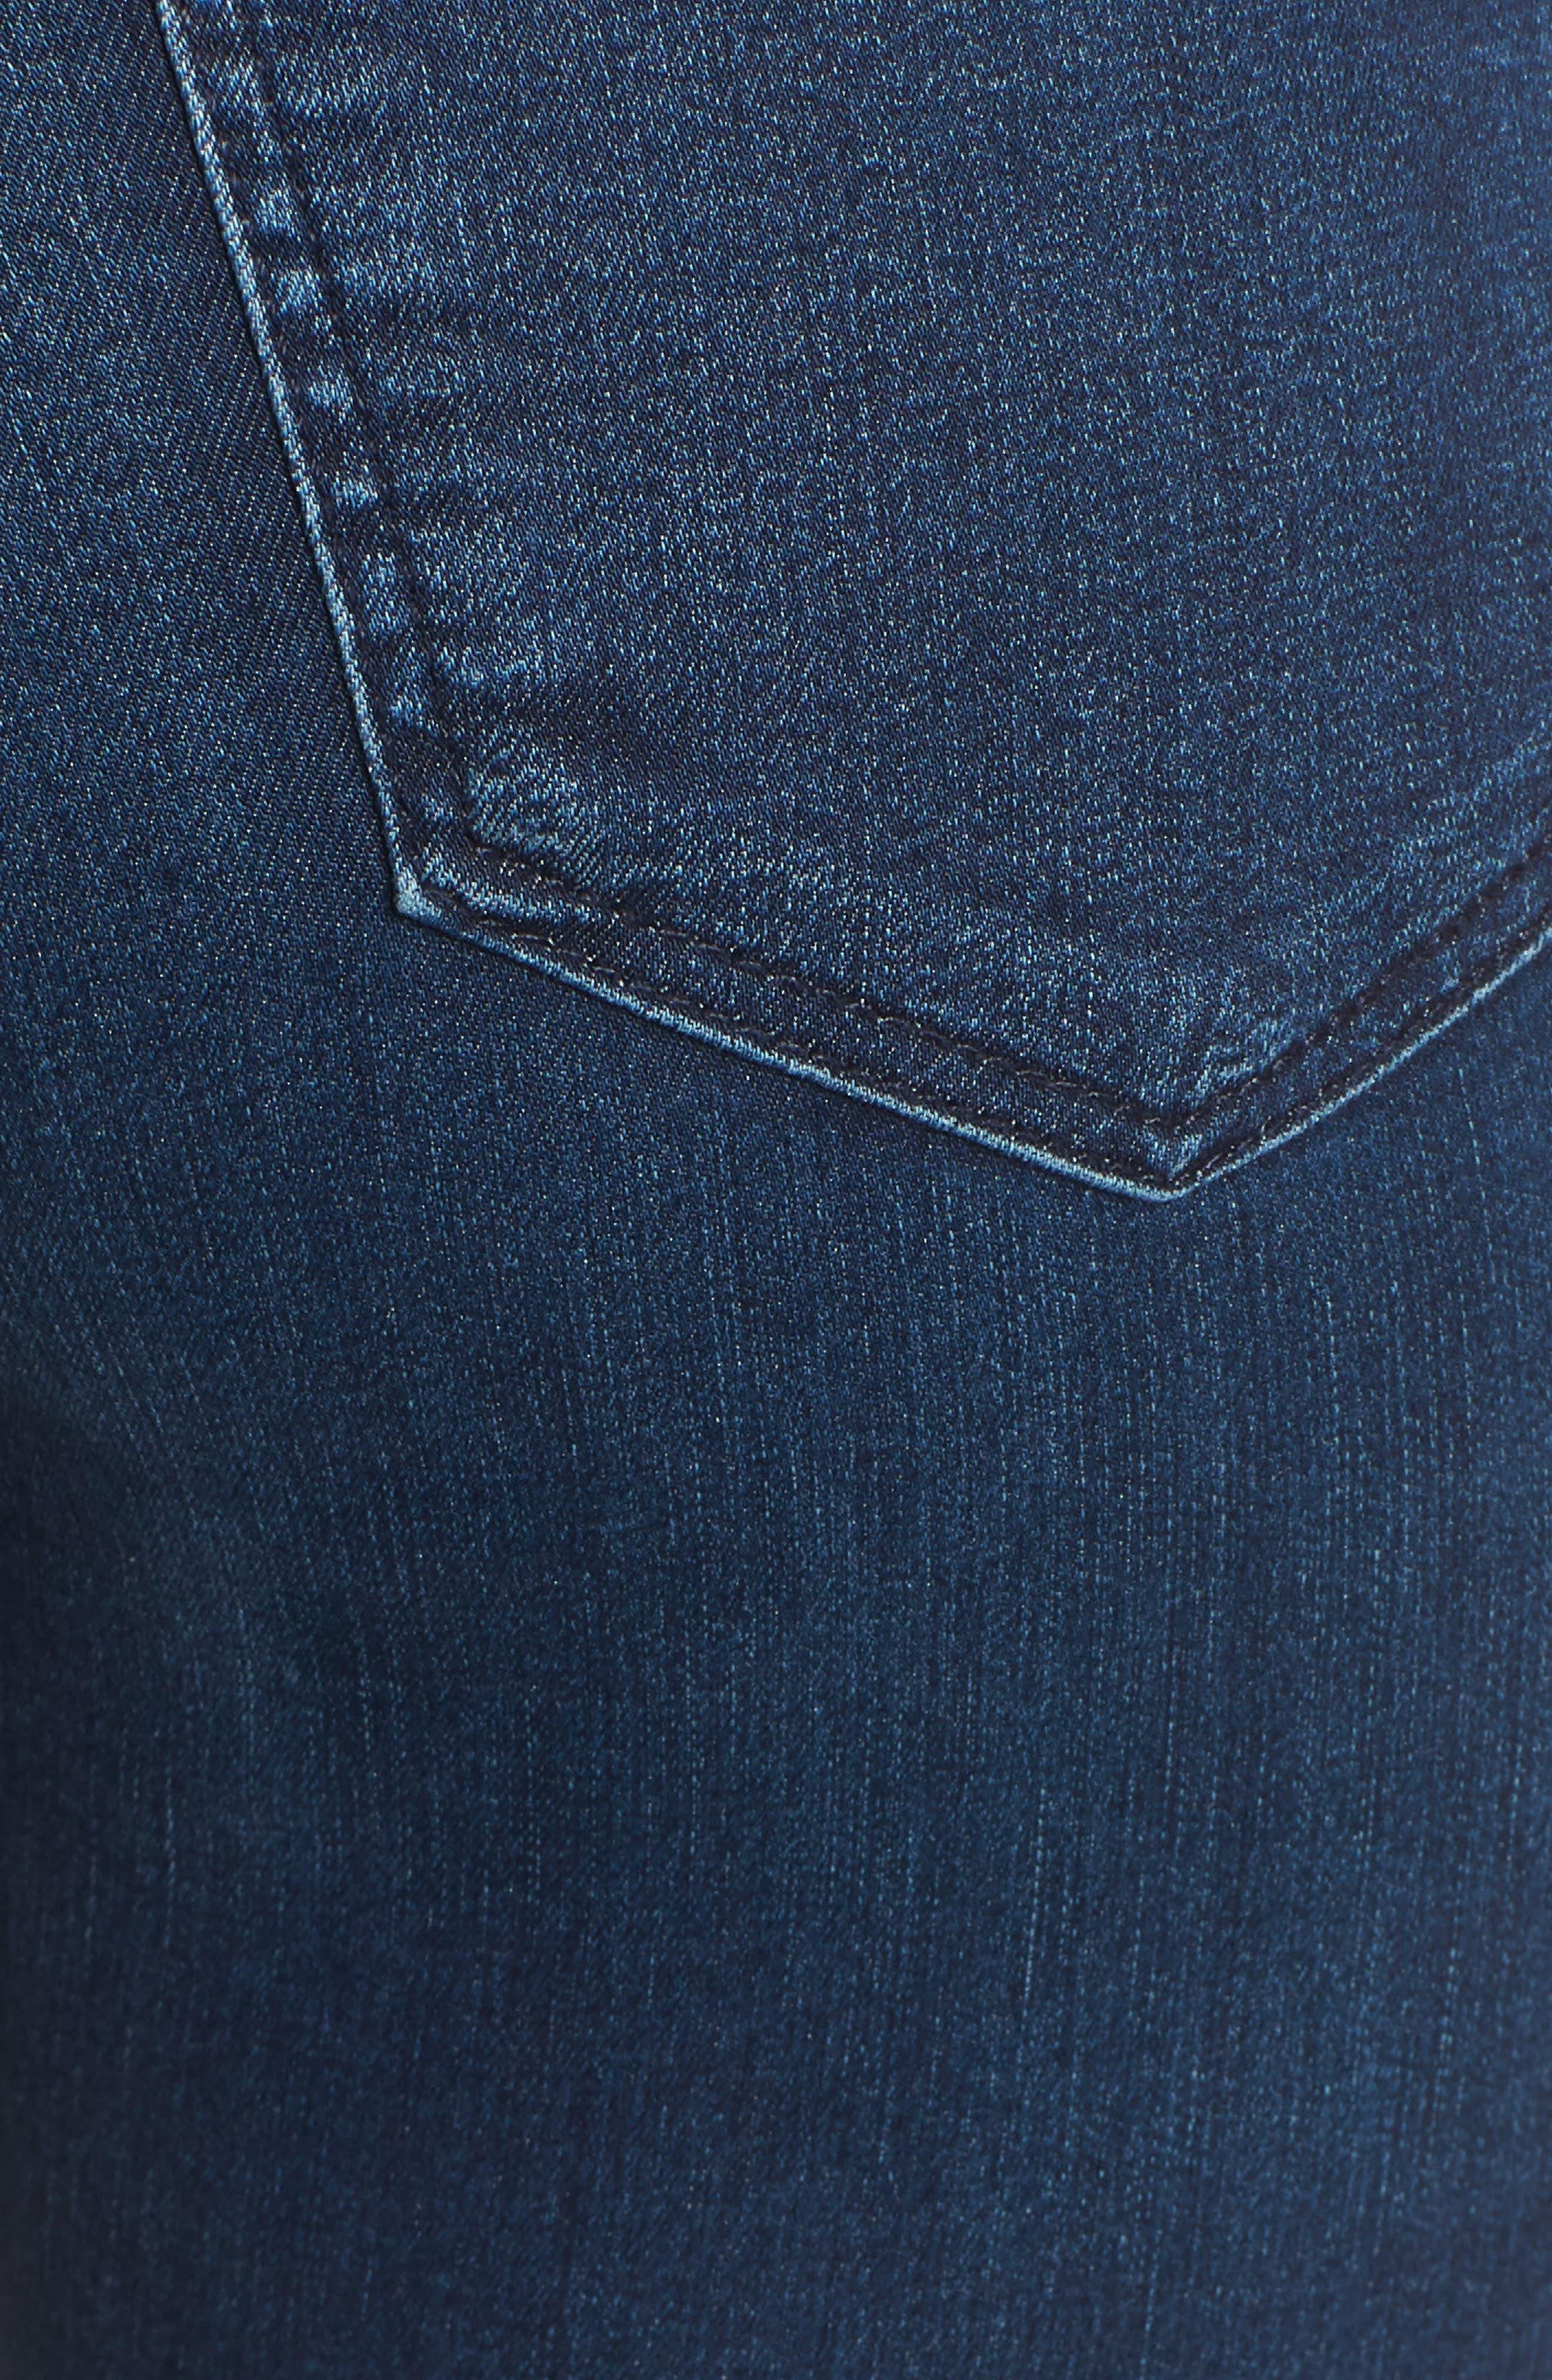 Moto Joni Indigo Jeans,                             Alternate thumbnail 5, color,                             400